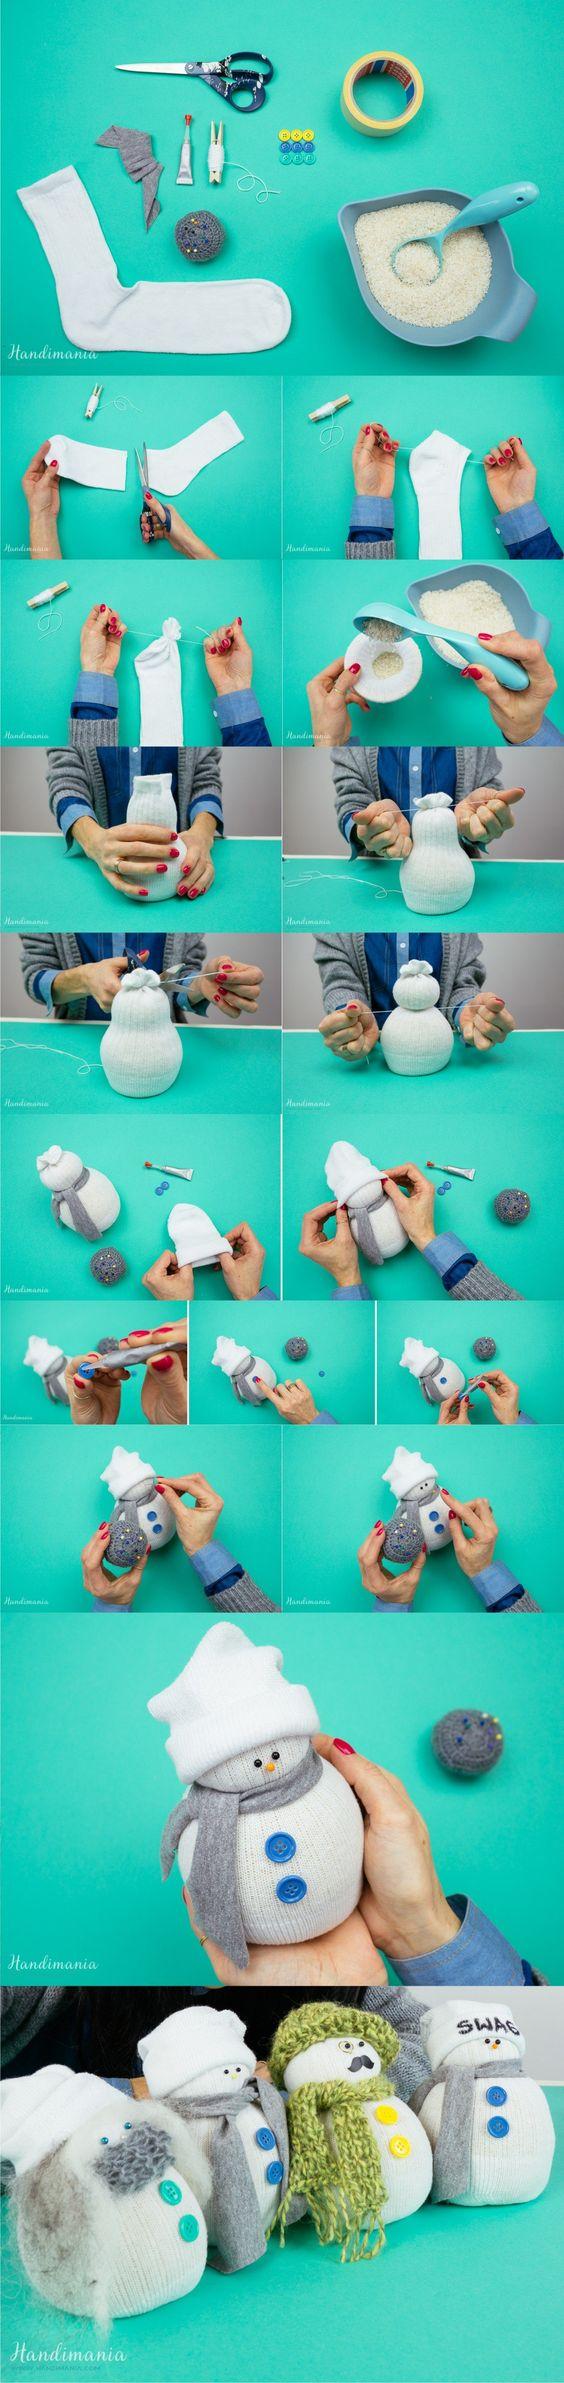 munecos-de-nieve-hechos-con-materiales-faciles-de-conseguir-3